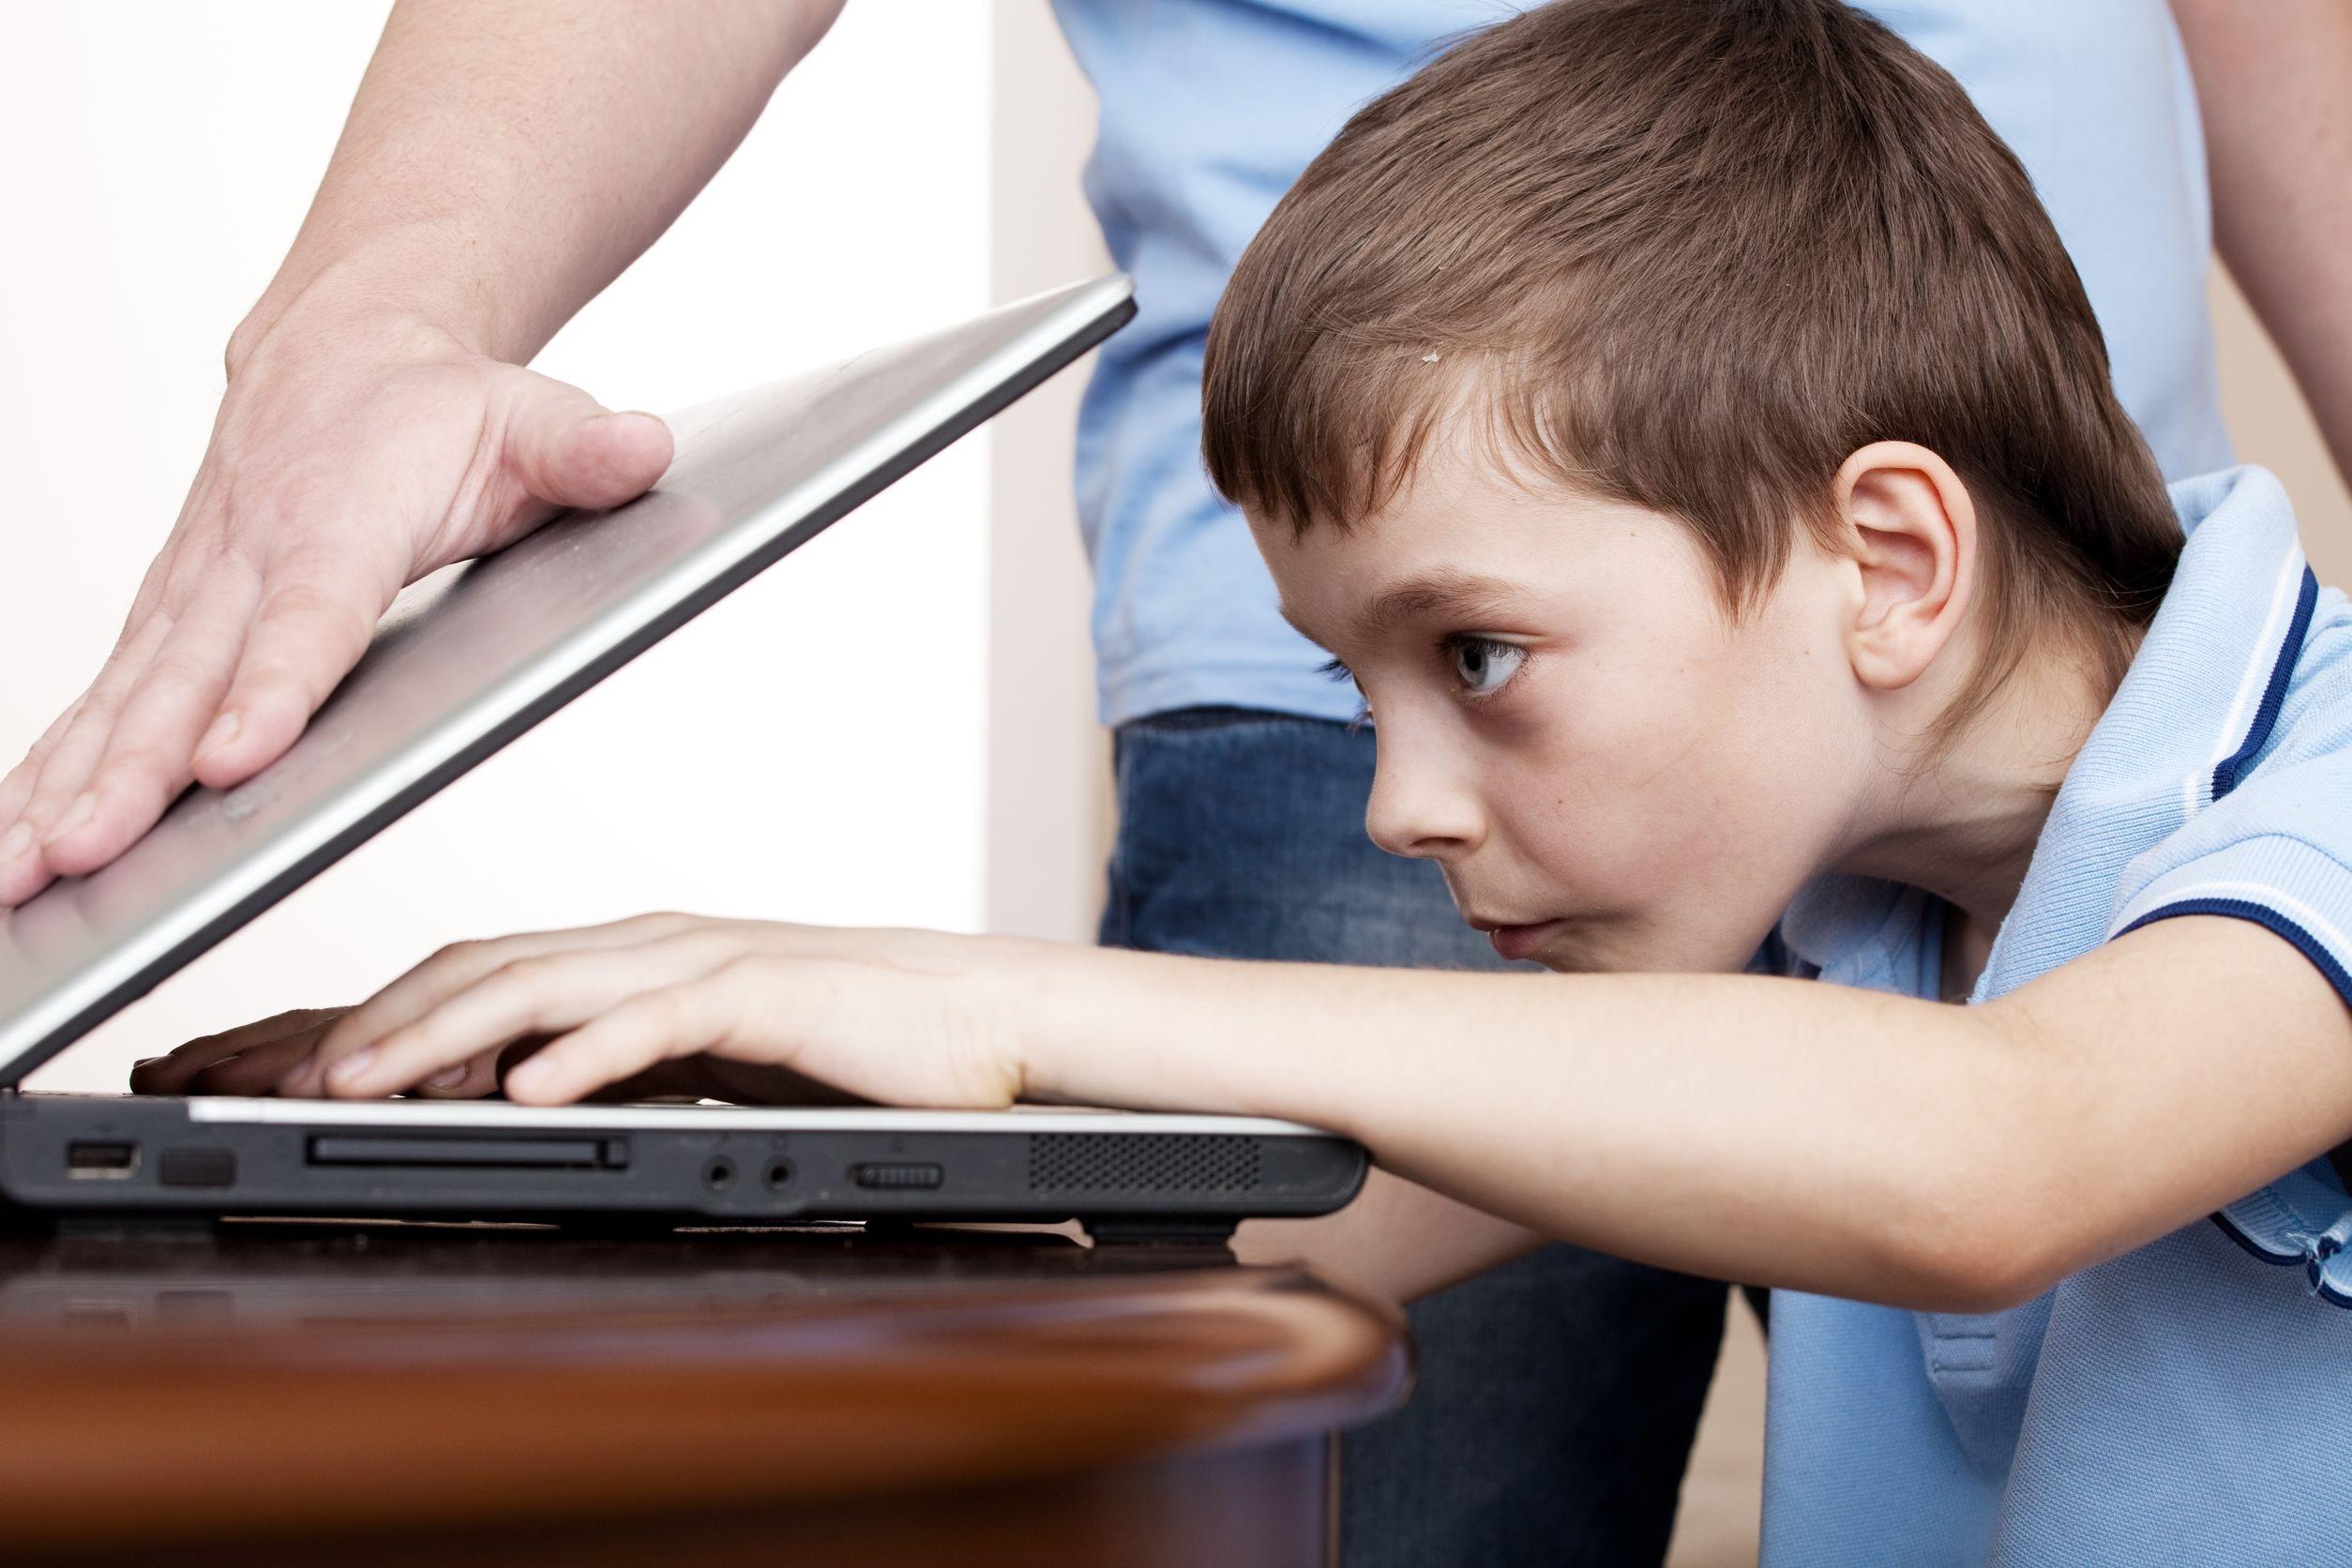 Cách xóa game trên máy tính phụ huynh nên biết để kiểm soát con cái 4